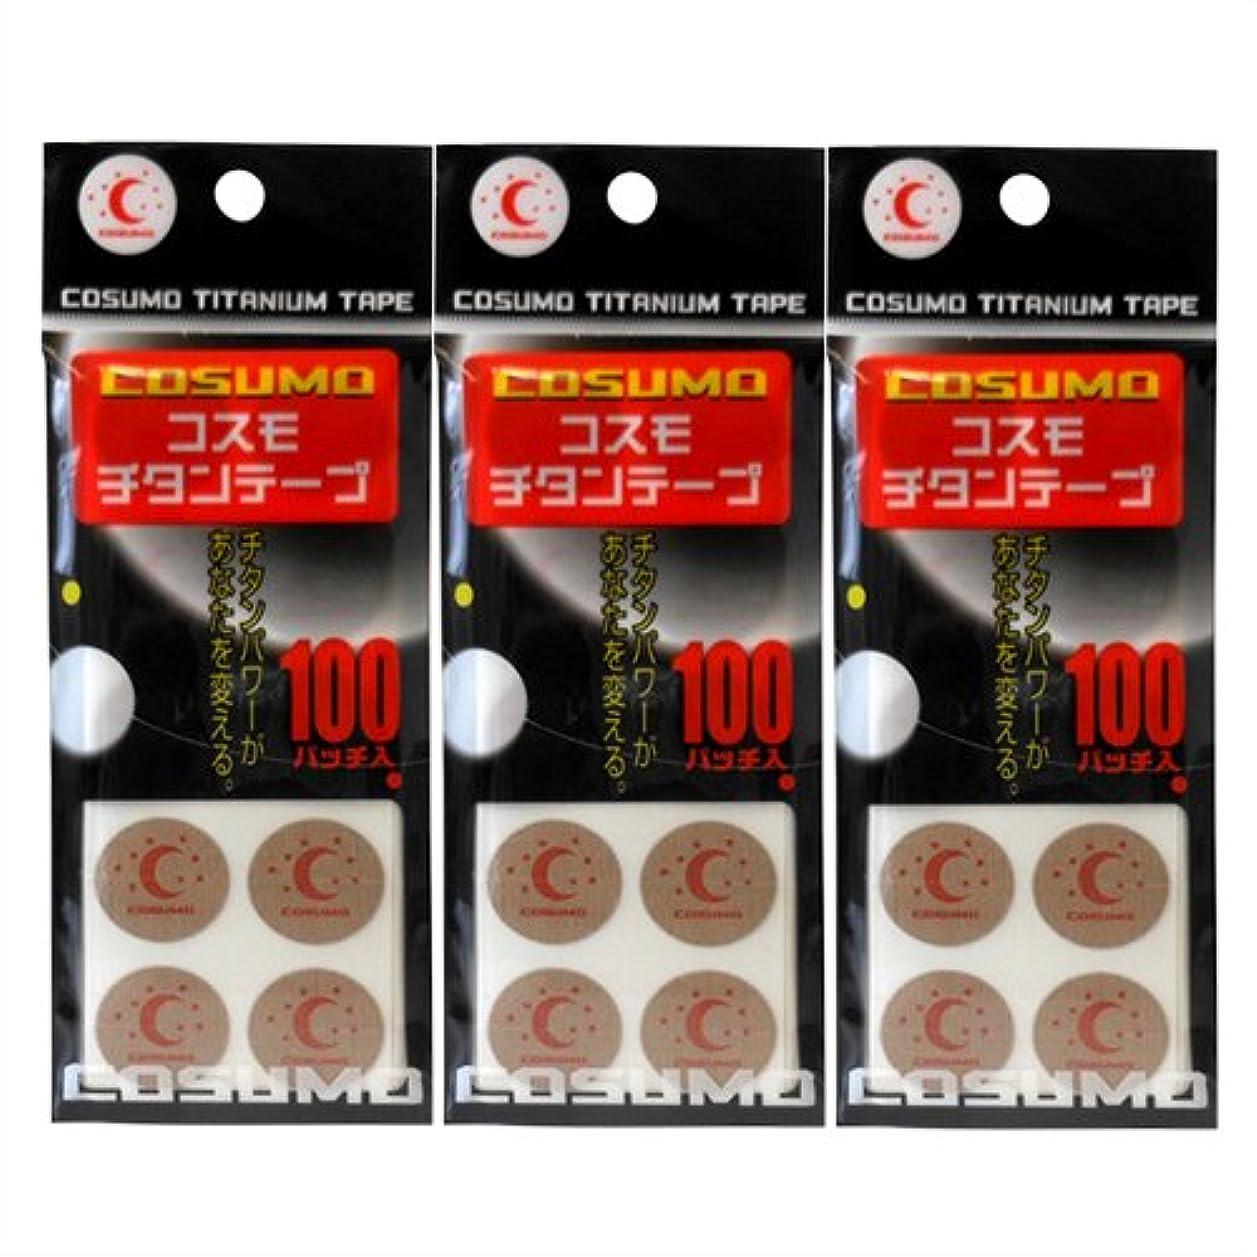 コスモチタンテープ (COSUMO TITANIUM TAPE) 100パッチ入り x3枚(合計300パッチ) セット